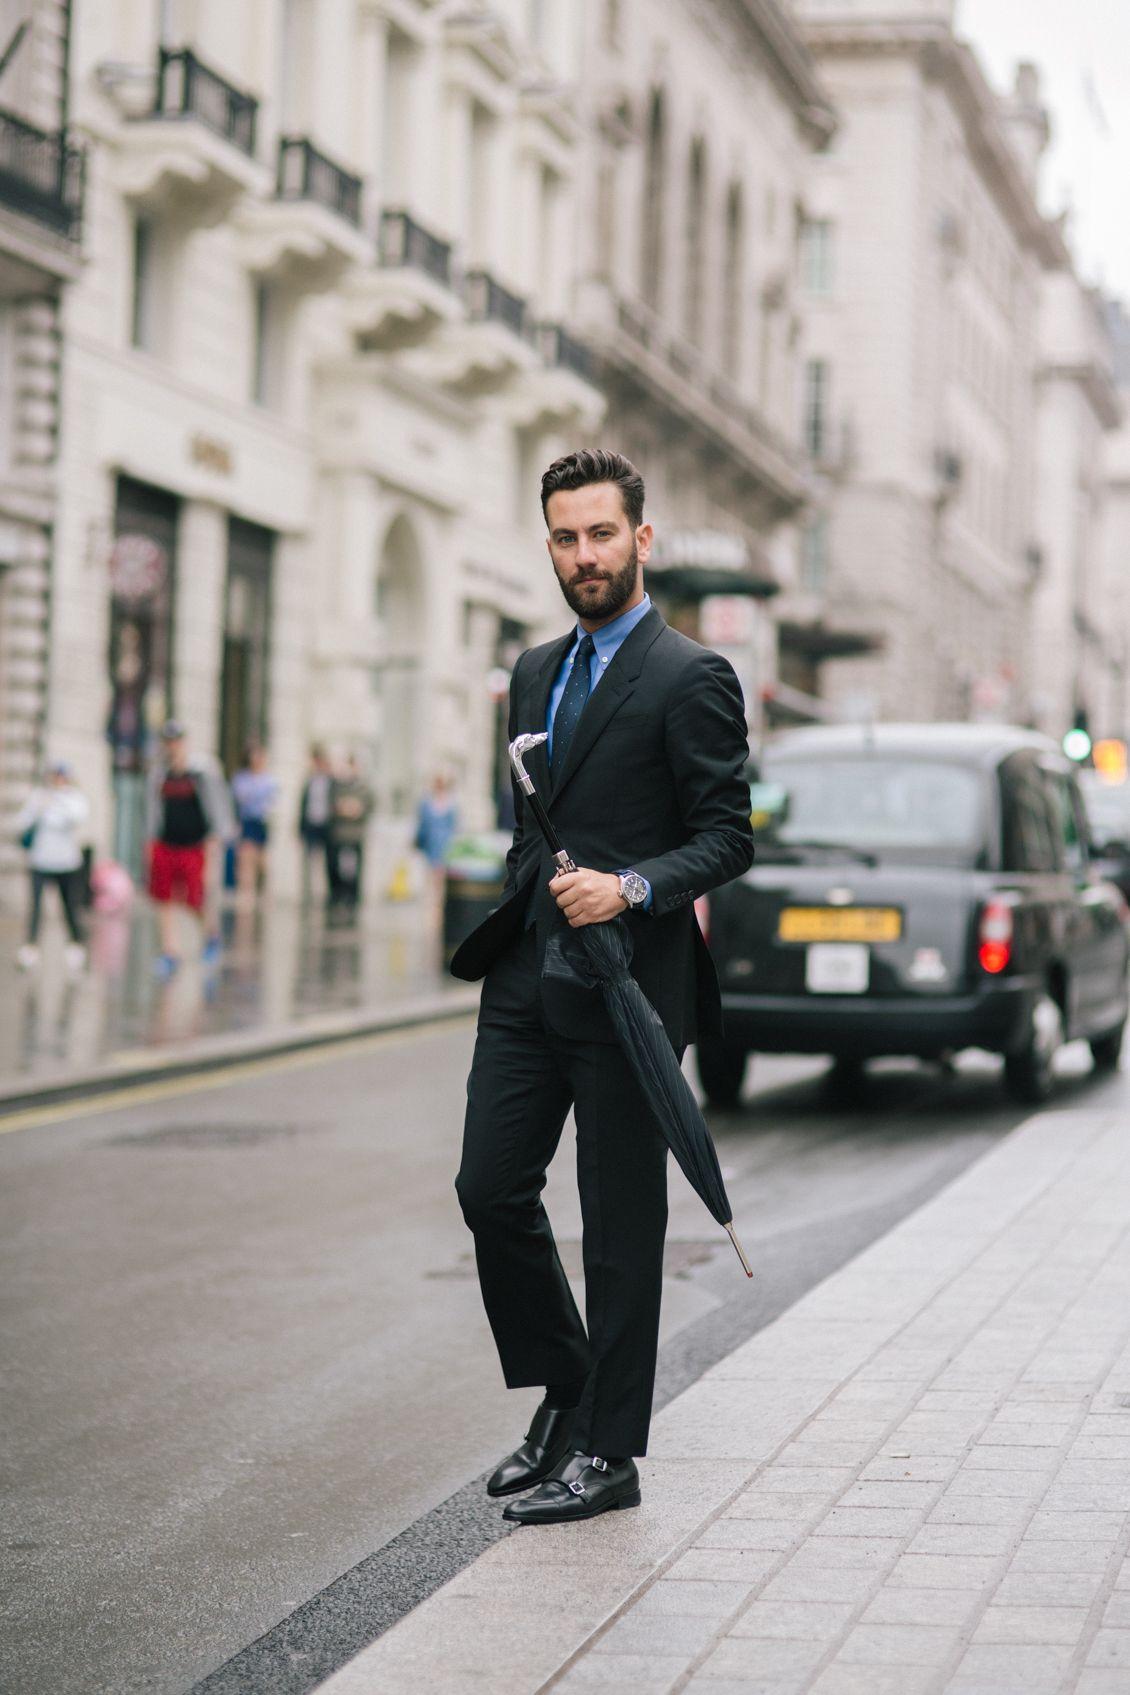 0af74642d7f8 Black suit + blue dress shirt + patterned tie + double monk strap dress  shoes